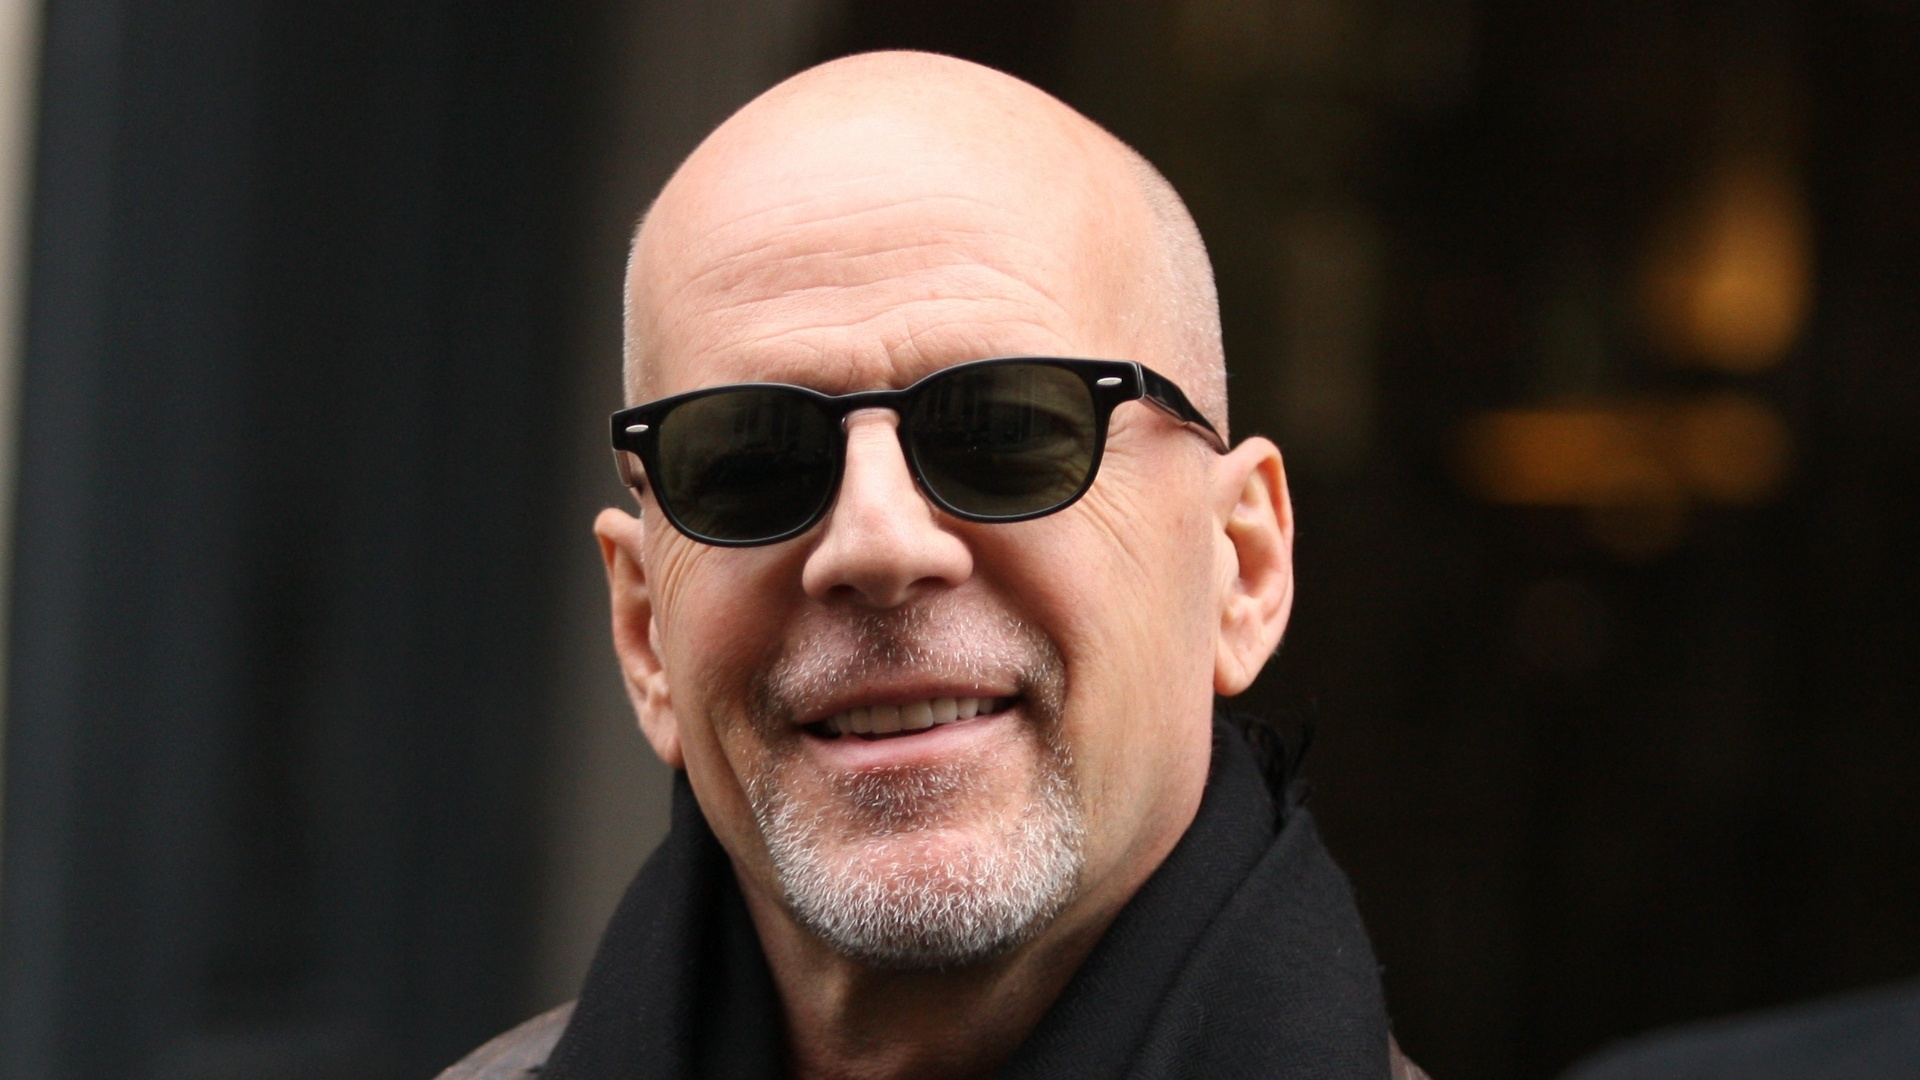 Sem falar nos óculos de sol, que são muito estilosos e protegem os olhos da claridade - Bruce Willis é fã!!